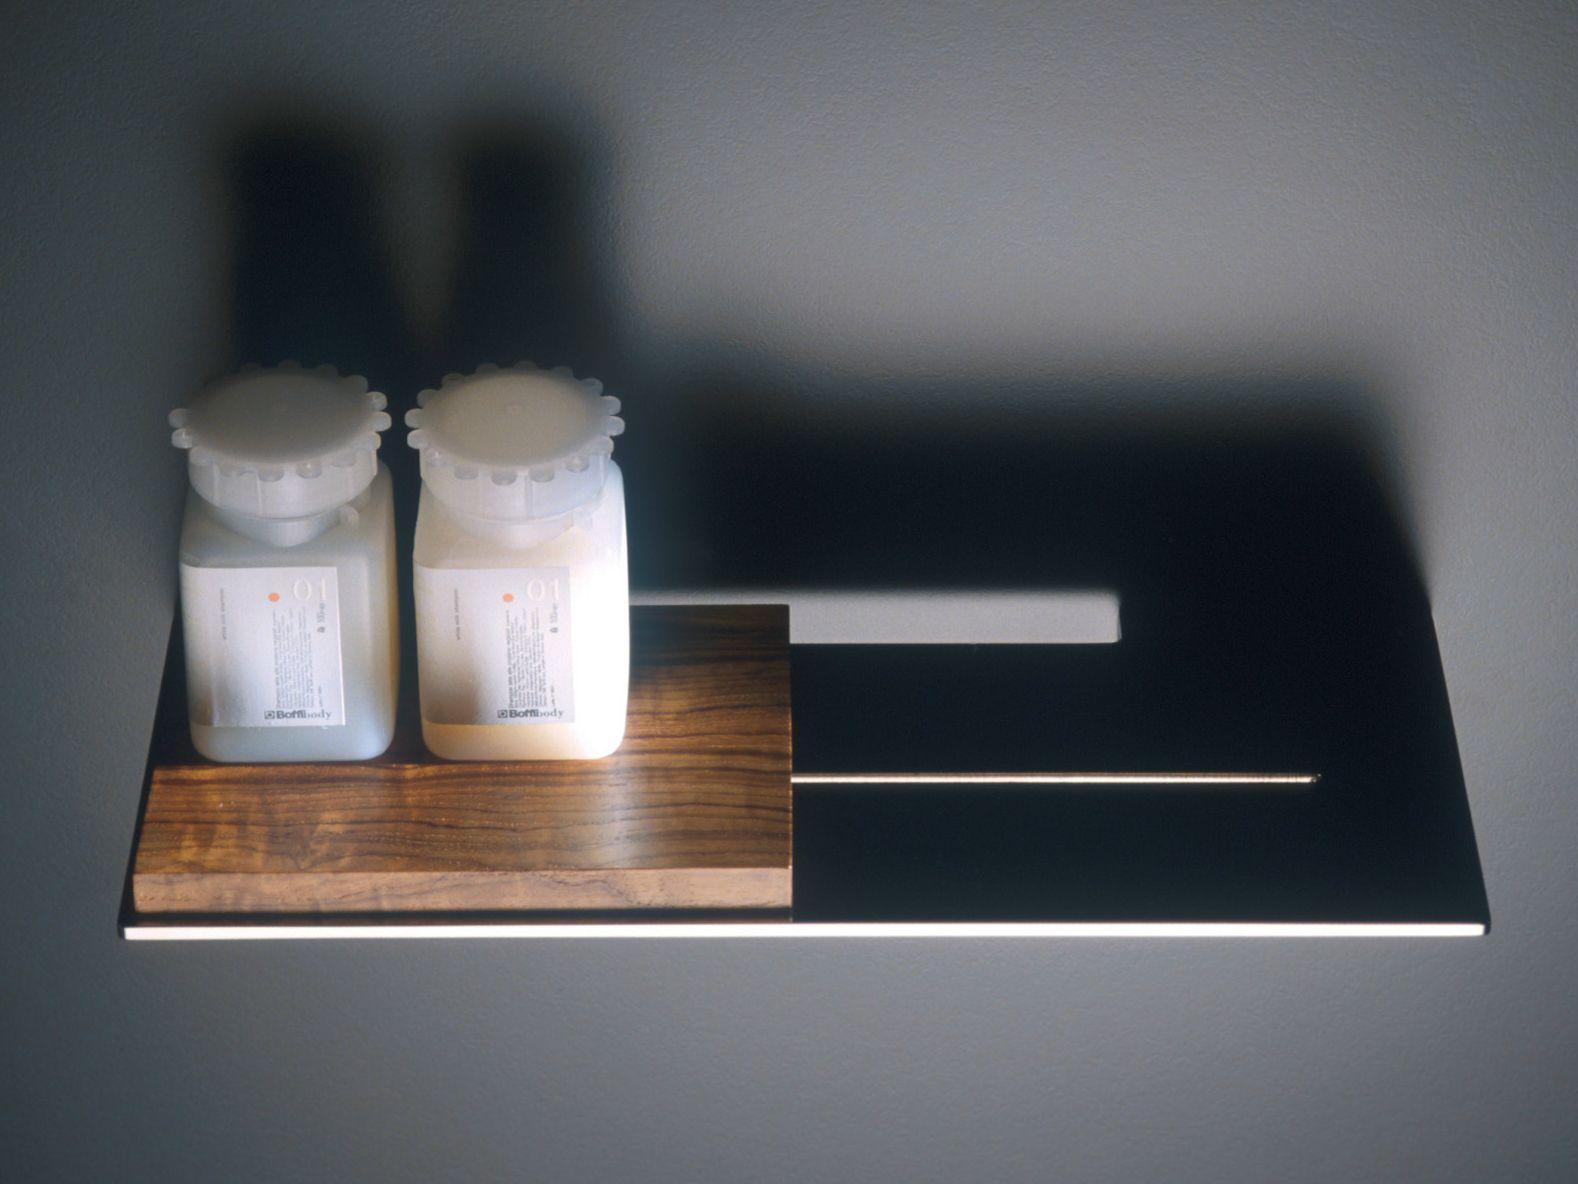 accessori per bagno prodotti boffi archiproducts